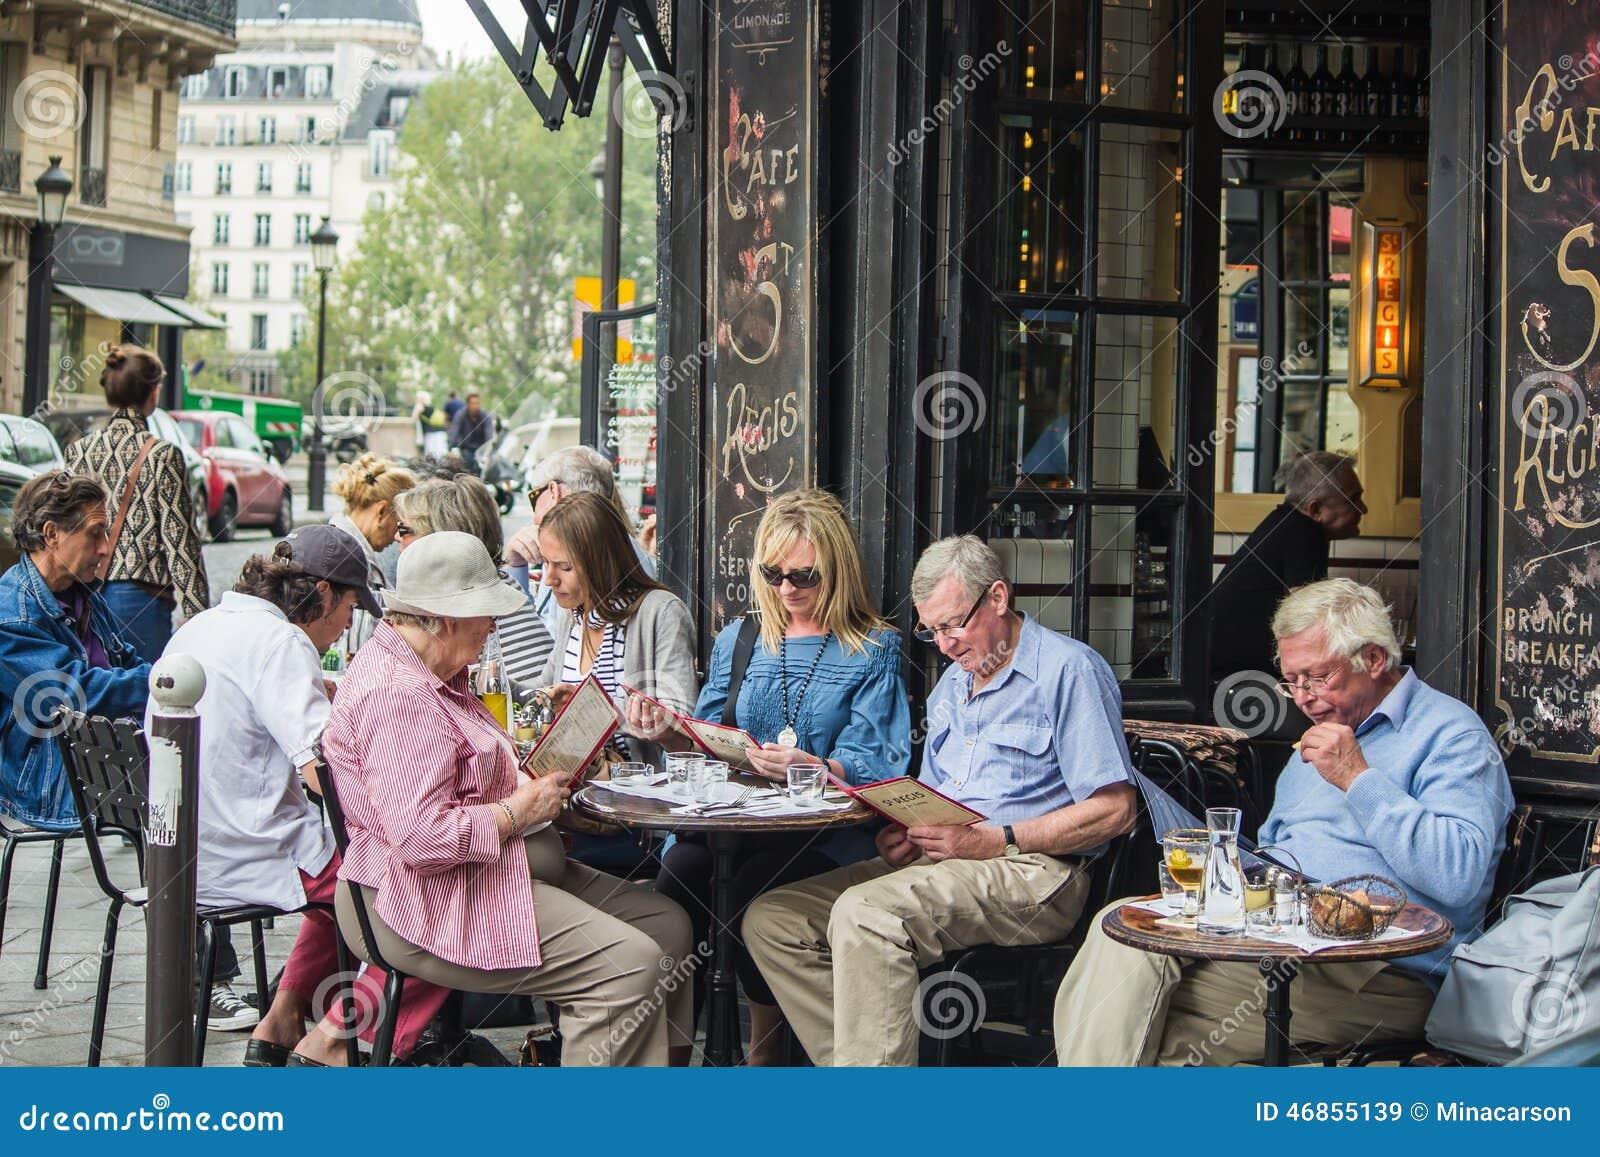 Os jantares estudam os menus no café St Regis em Ile St Louis,